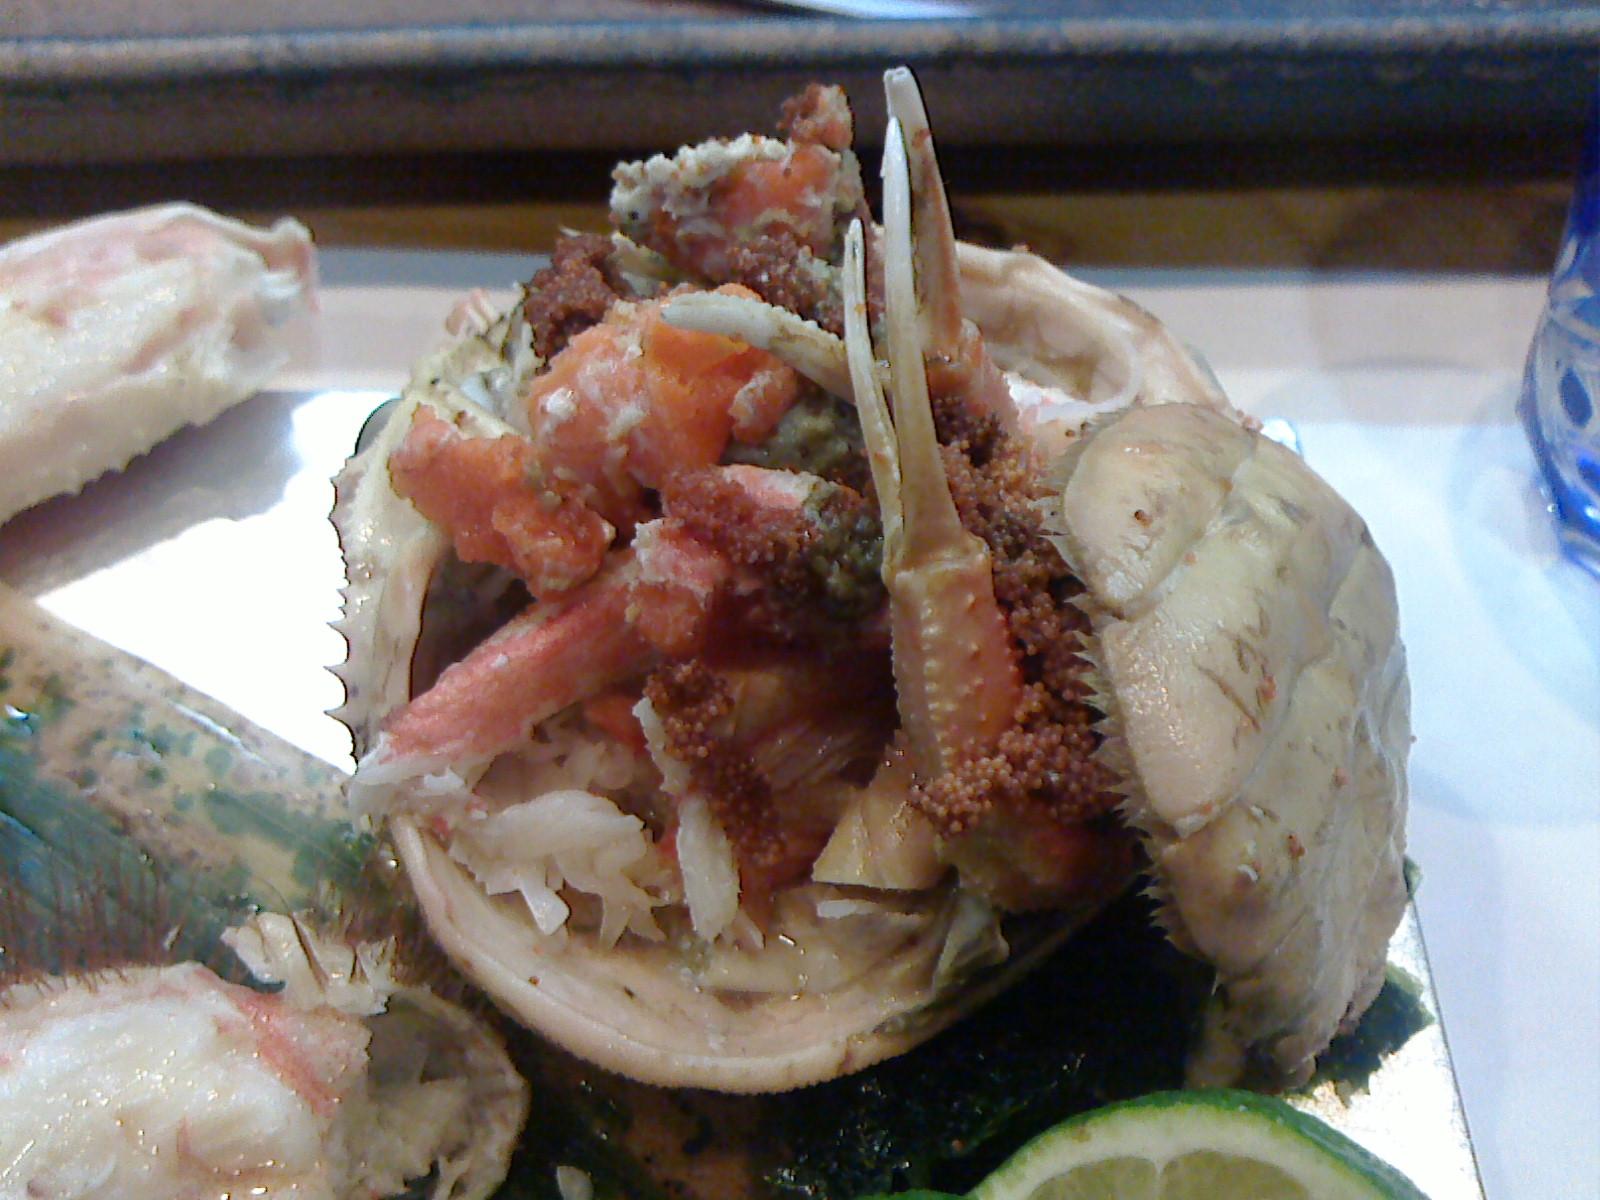 千葉でとても美味しいお寿司をお腹いっぱいいただきました。_c0225997_10445668.jpg